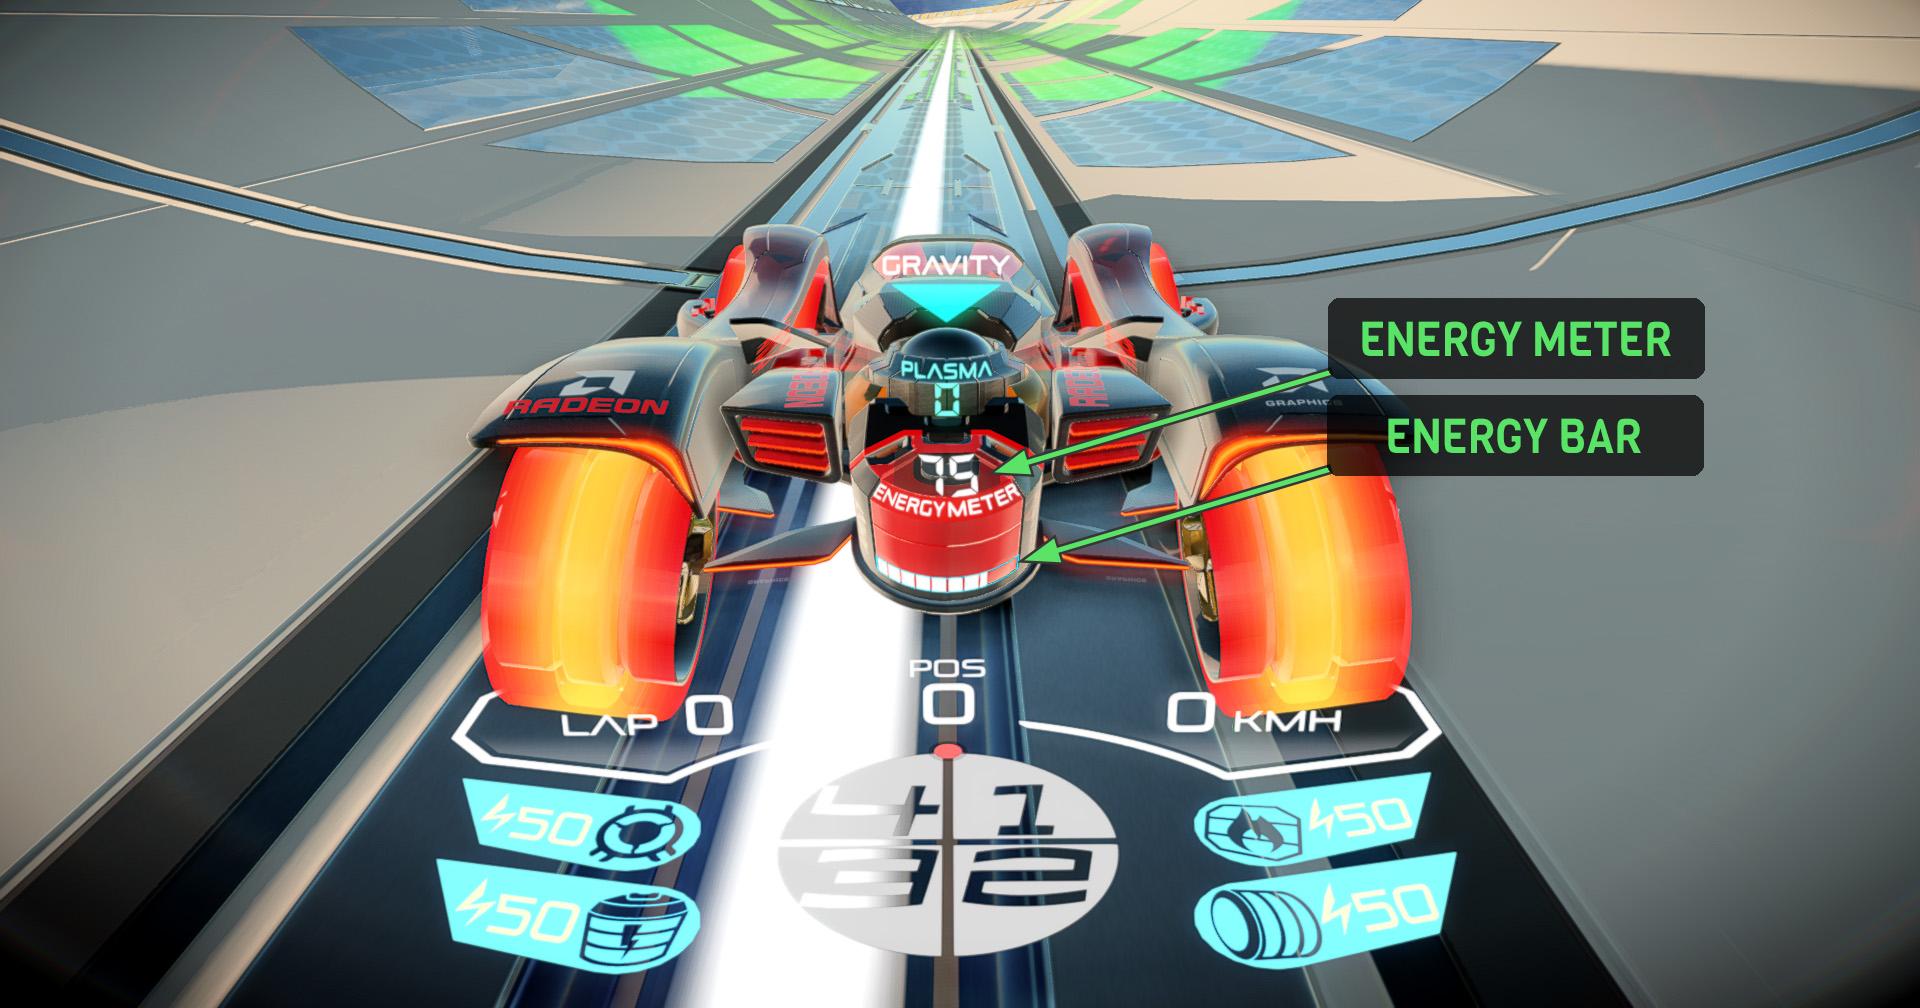 22RS-HUD-Helper-Image-Energy-Meter